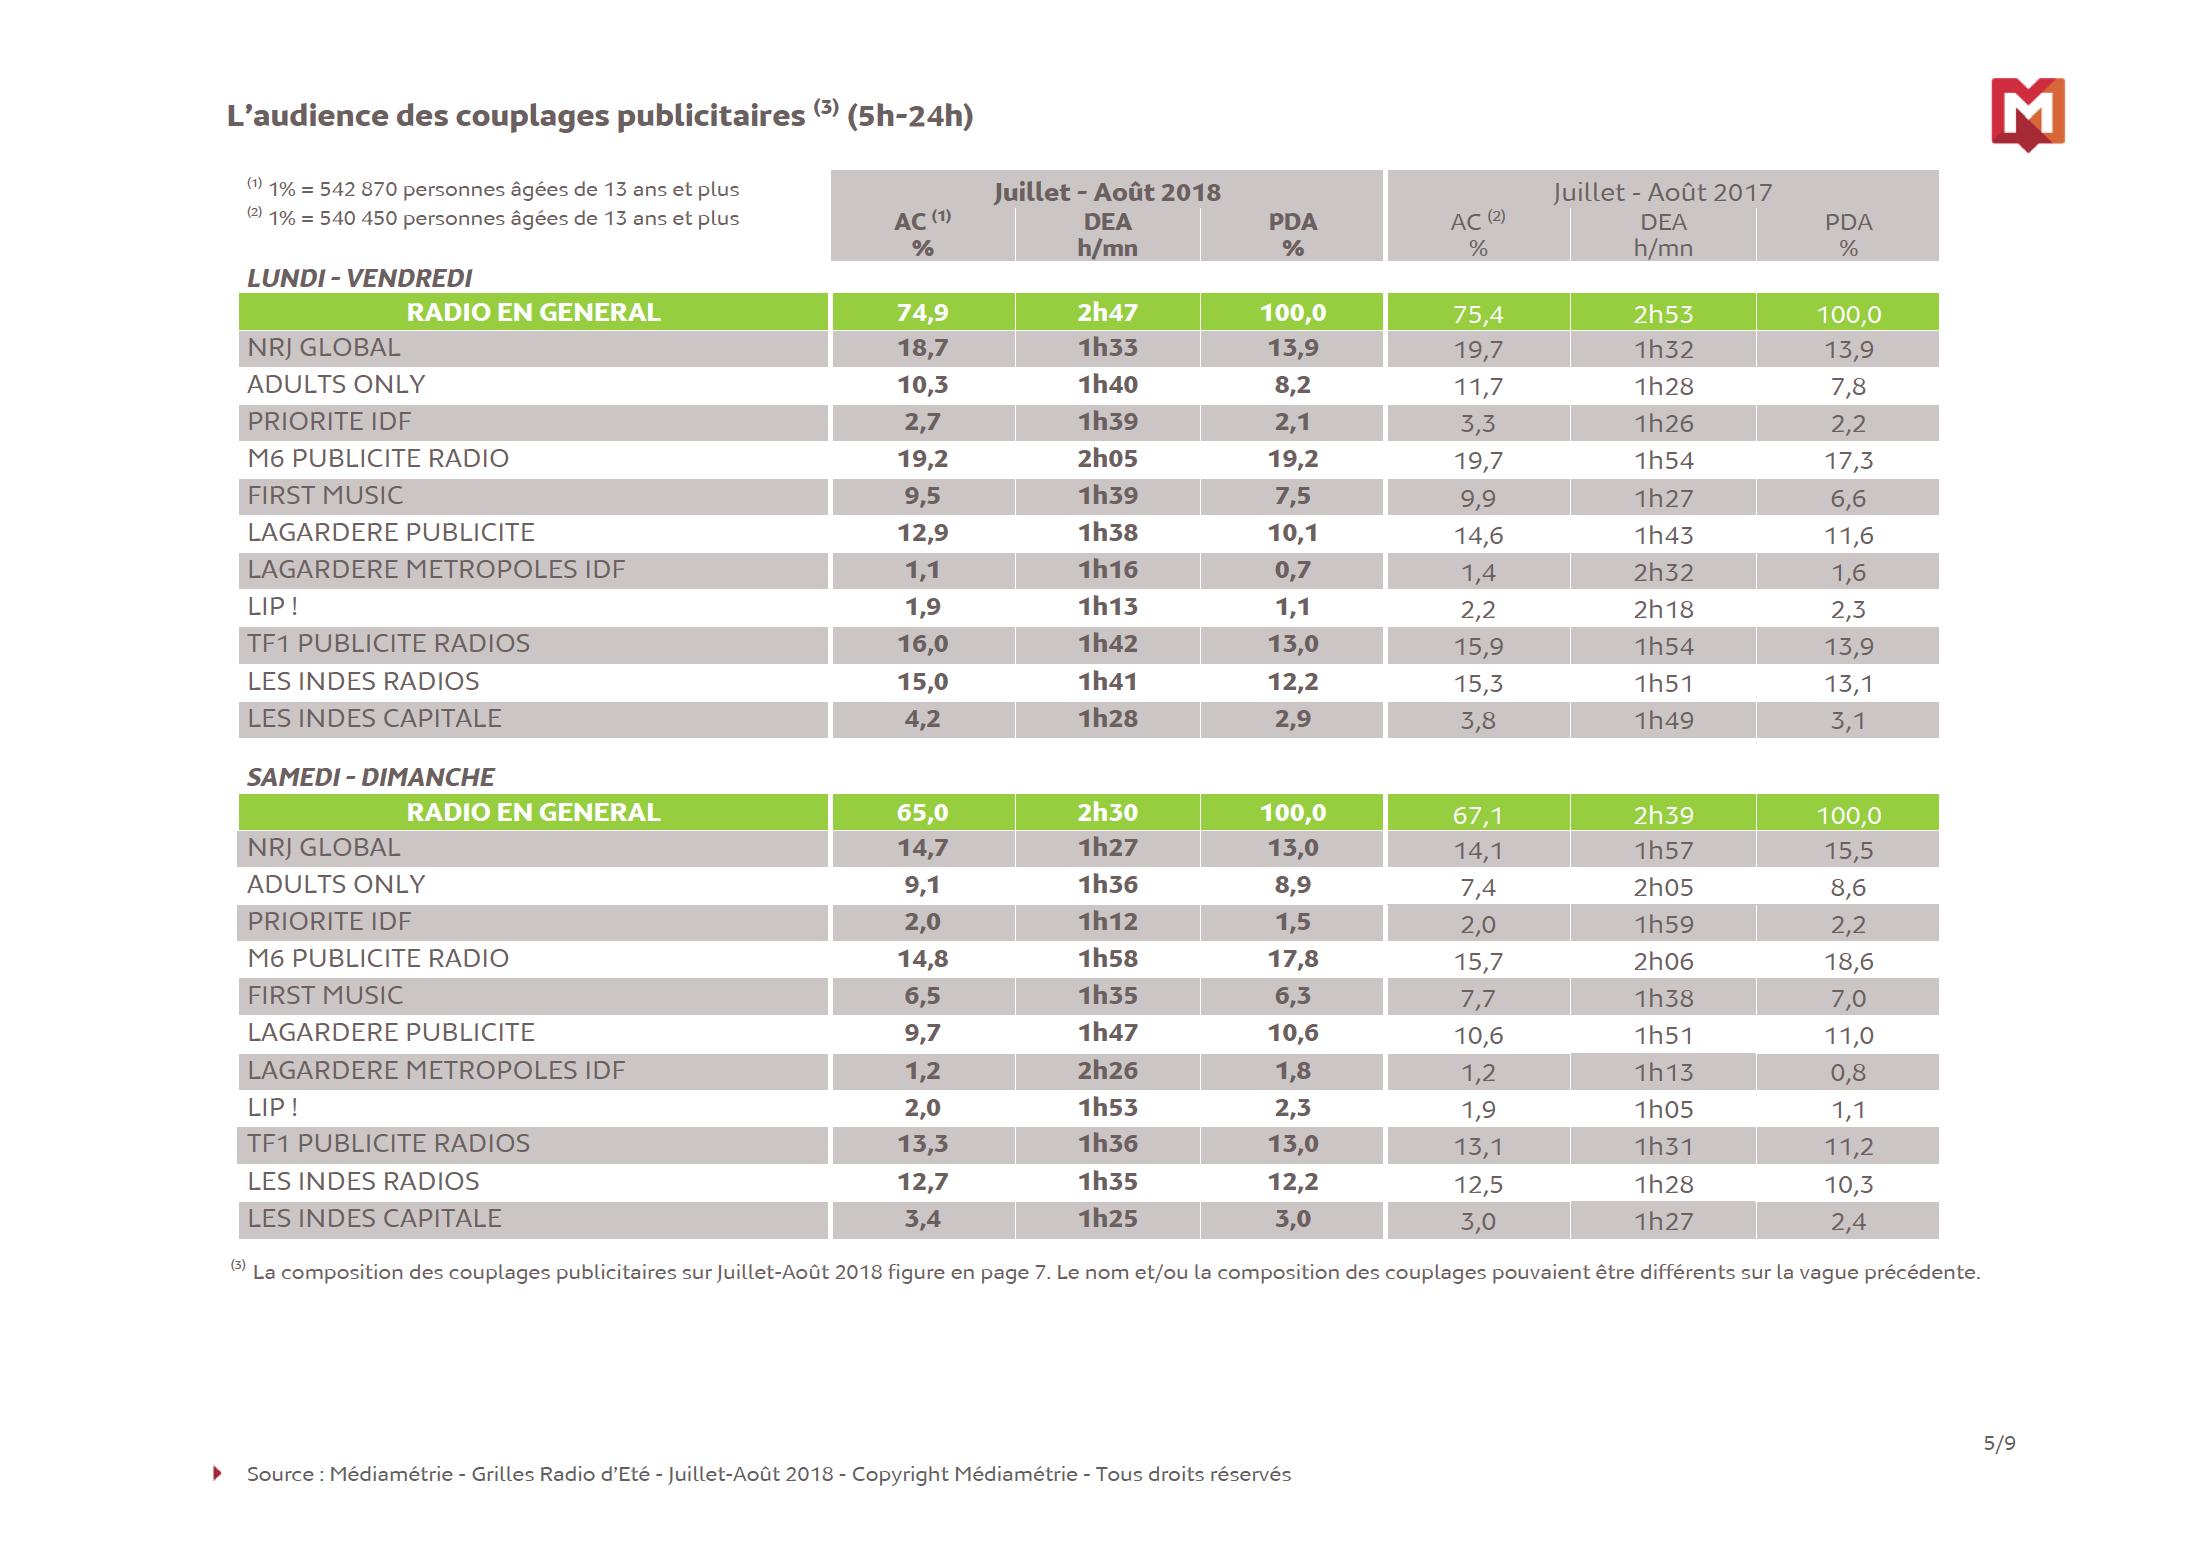 L'audience de la radio en France en juillet et août